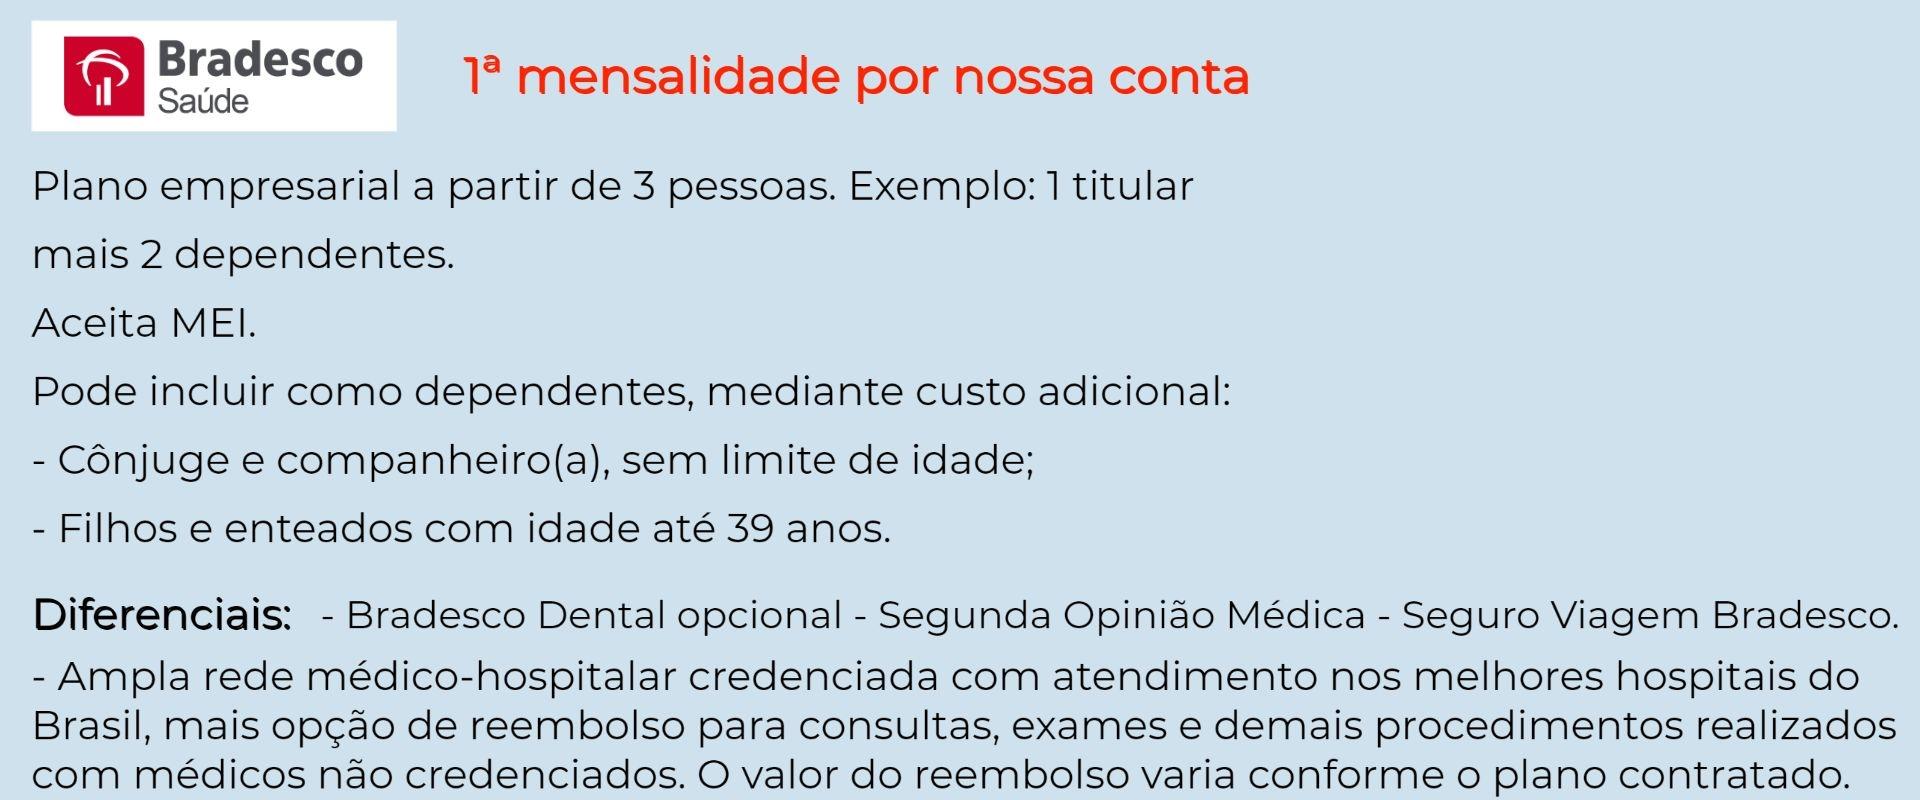 Bradesco Saúde Empresarial - Santa Tereza